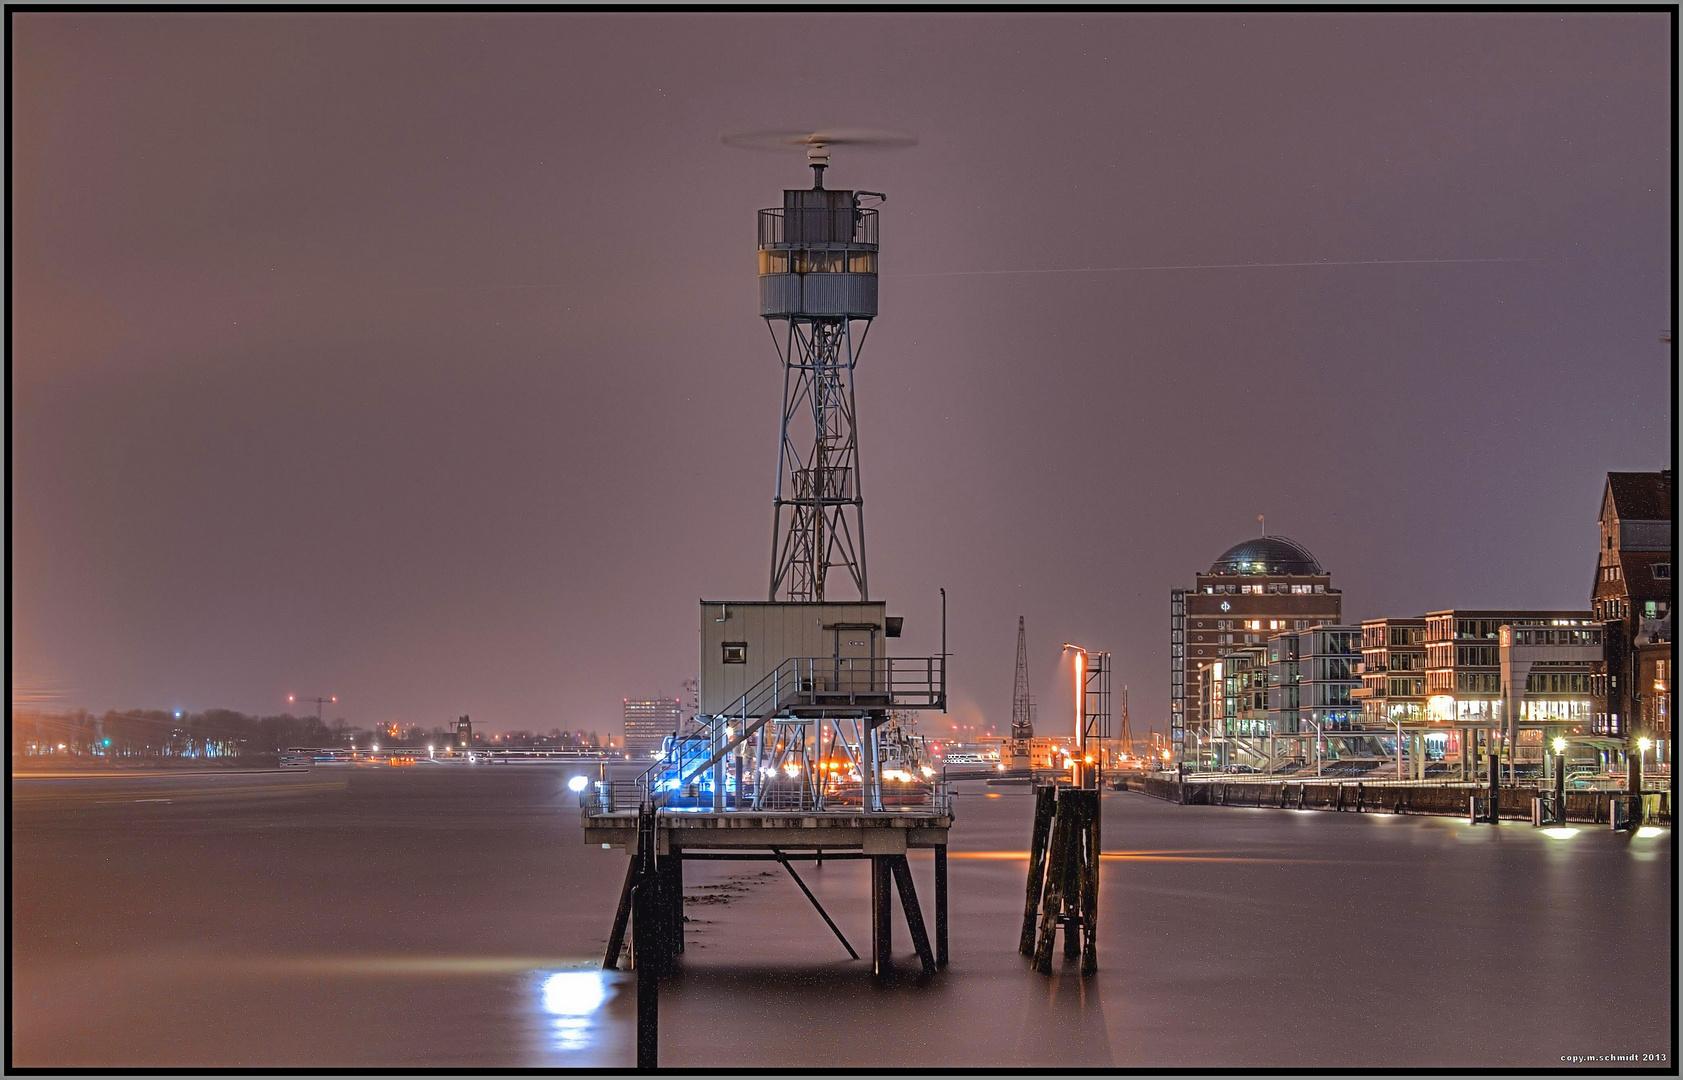 Radarturm auf der Elbe